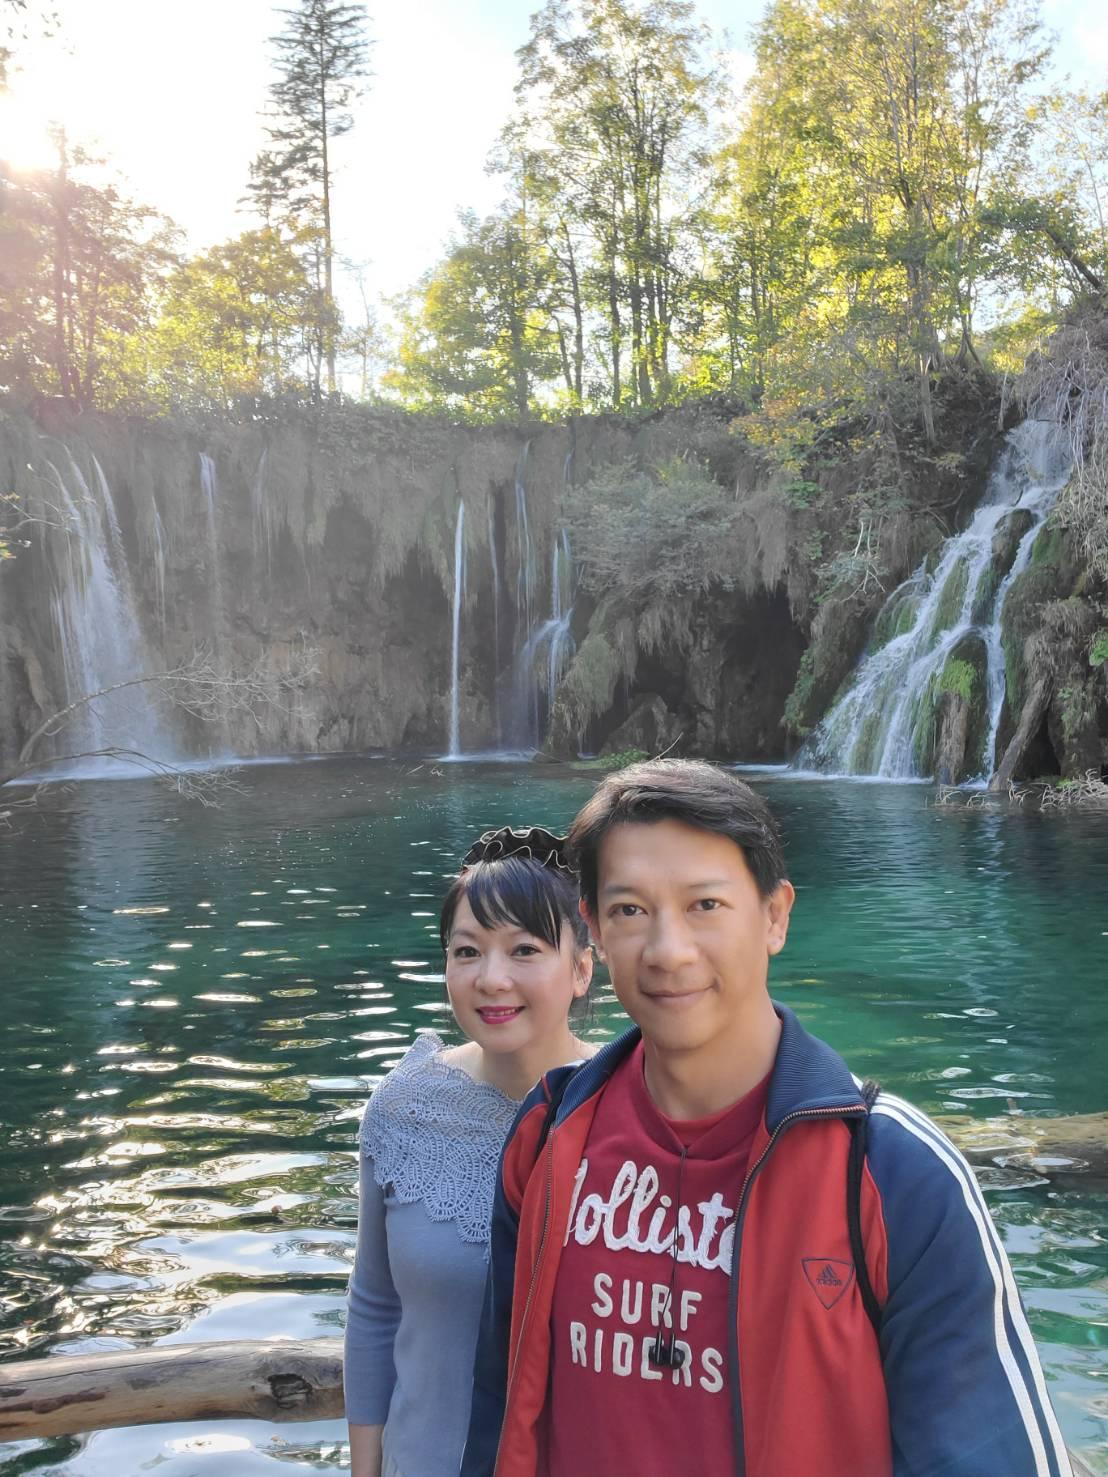 ▲克羅埃西亞一遊不能錯過的十六湖,景色之美,讓徐展元和谷懷萱驚嘆,如詩如畫。